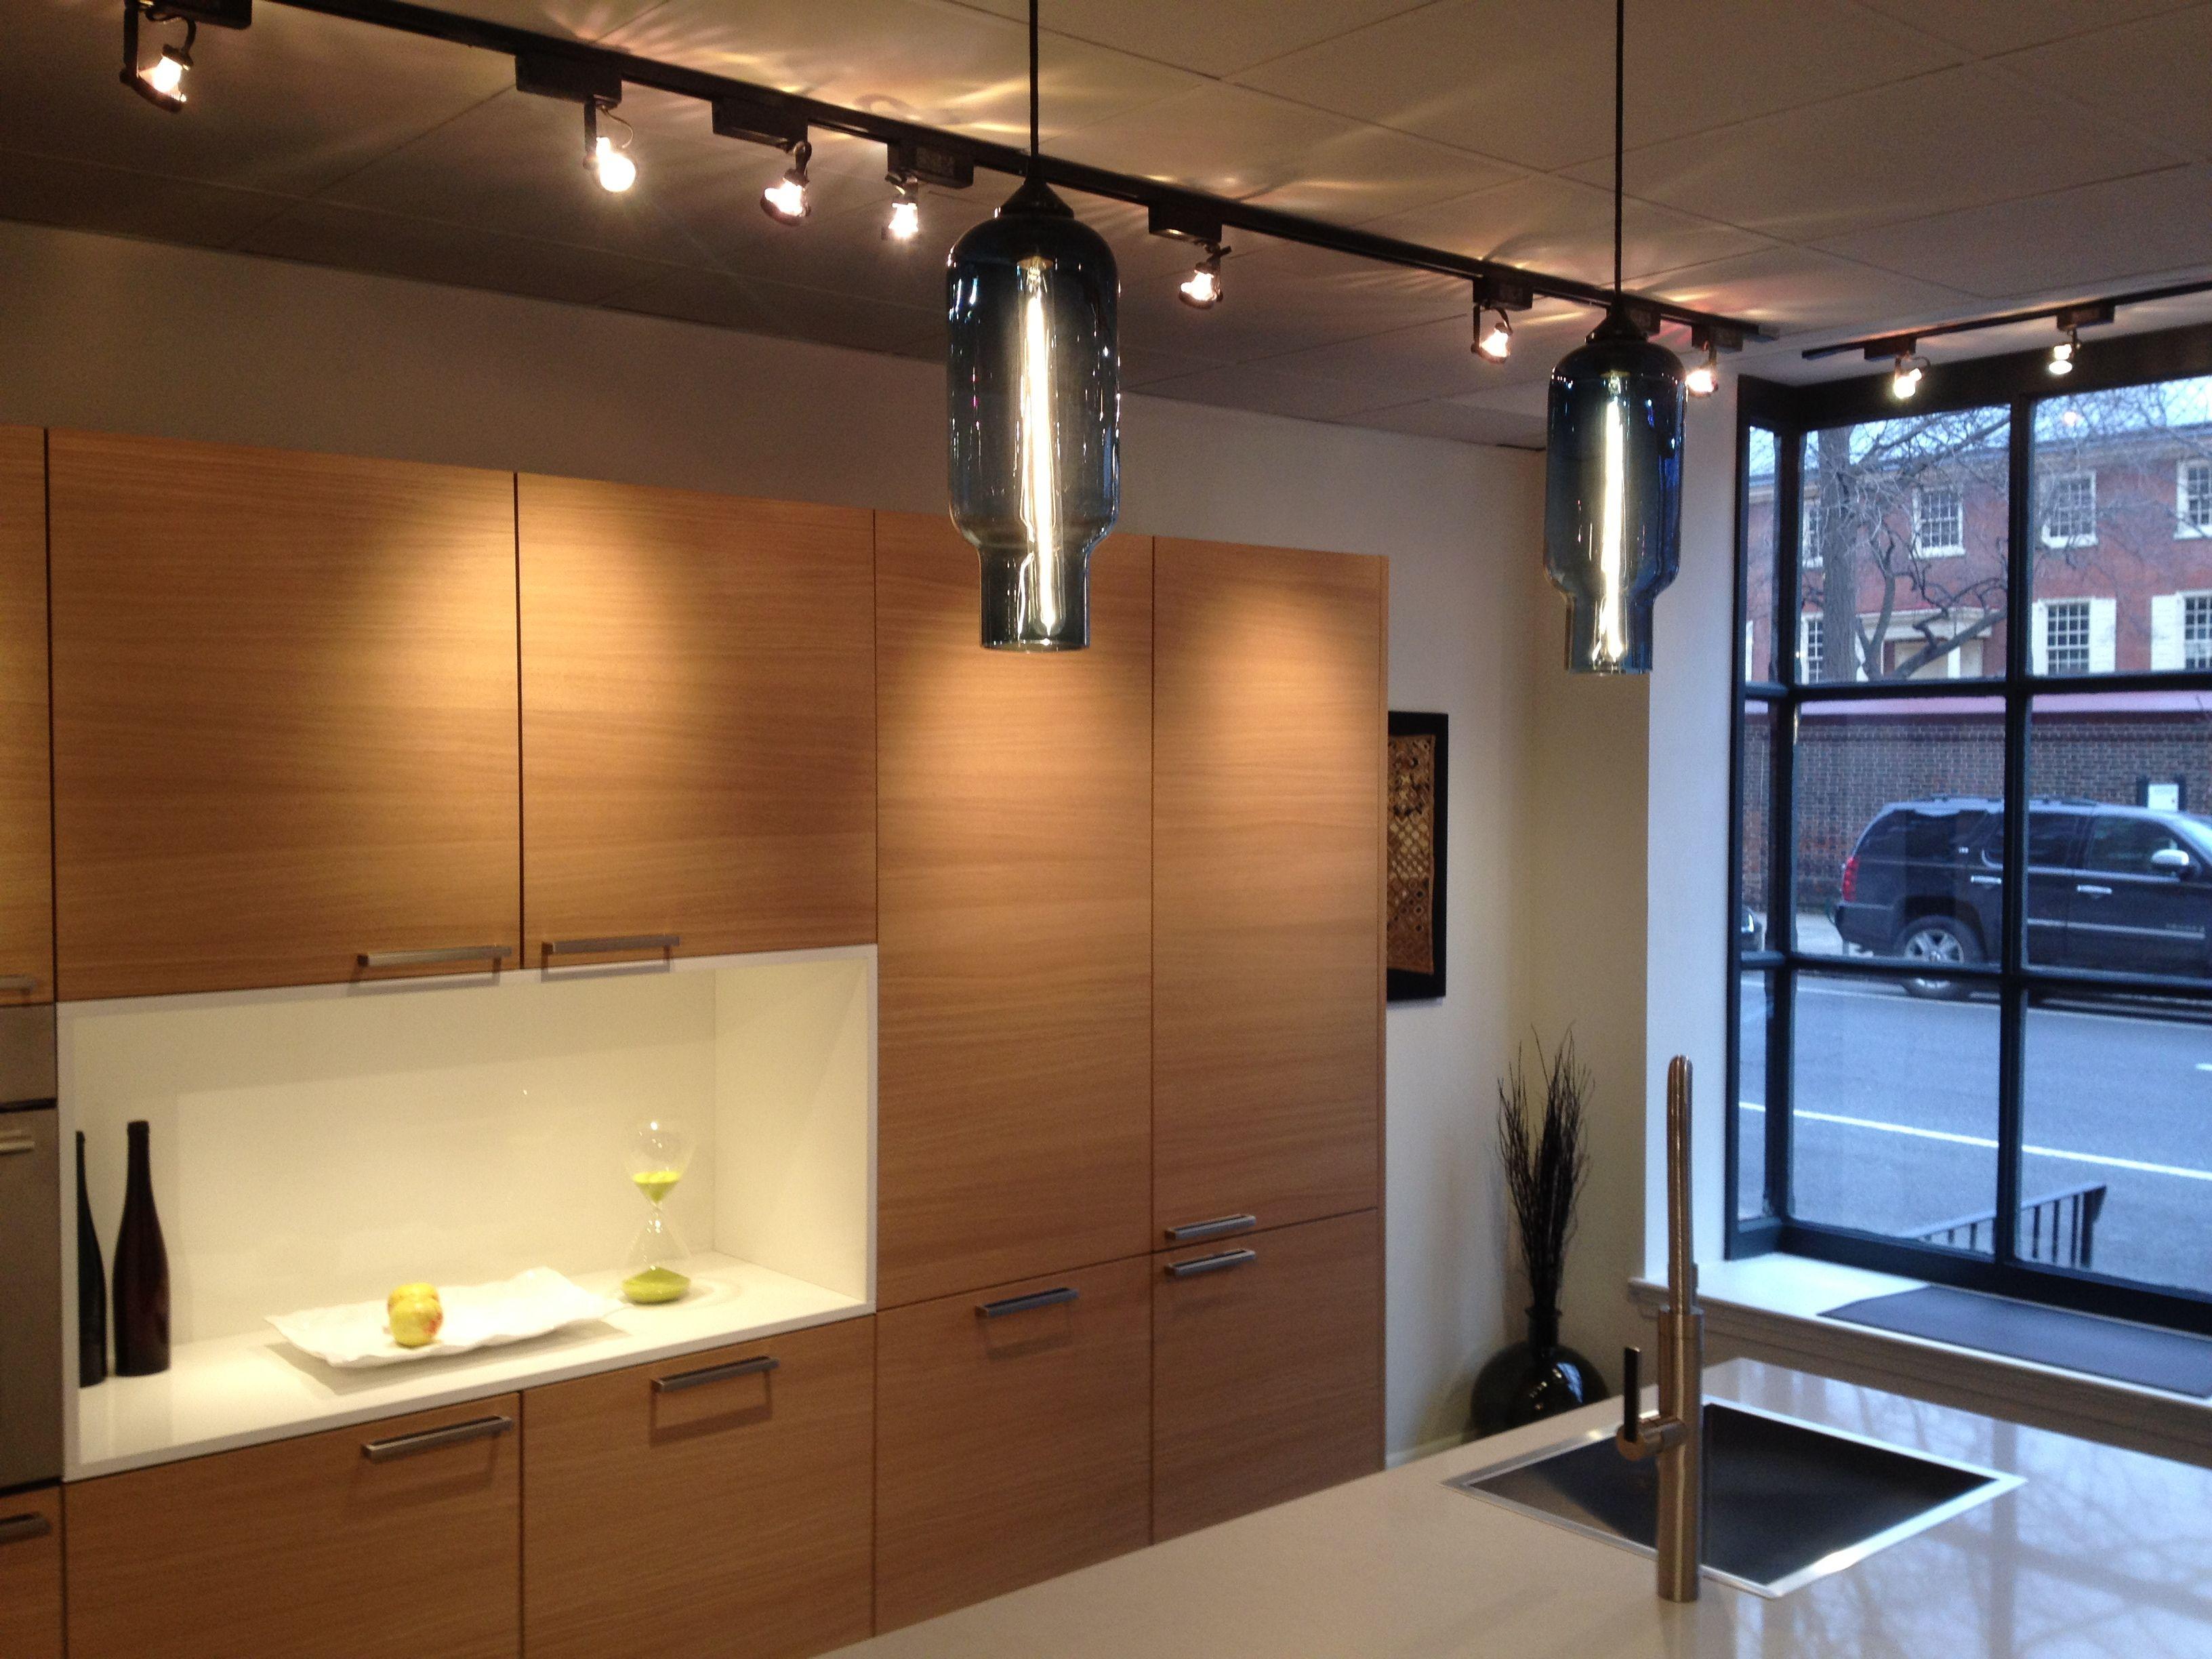 two pharos pendant lights over the kitchen counter of eggersmann studio in philadelphia modernlight - Kitchen Counter Hanging Lights